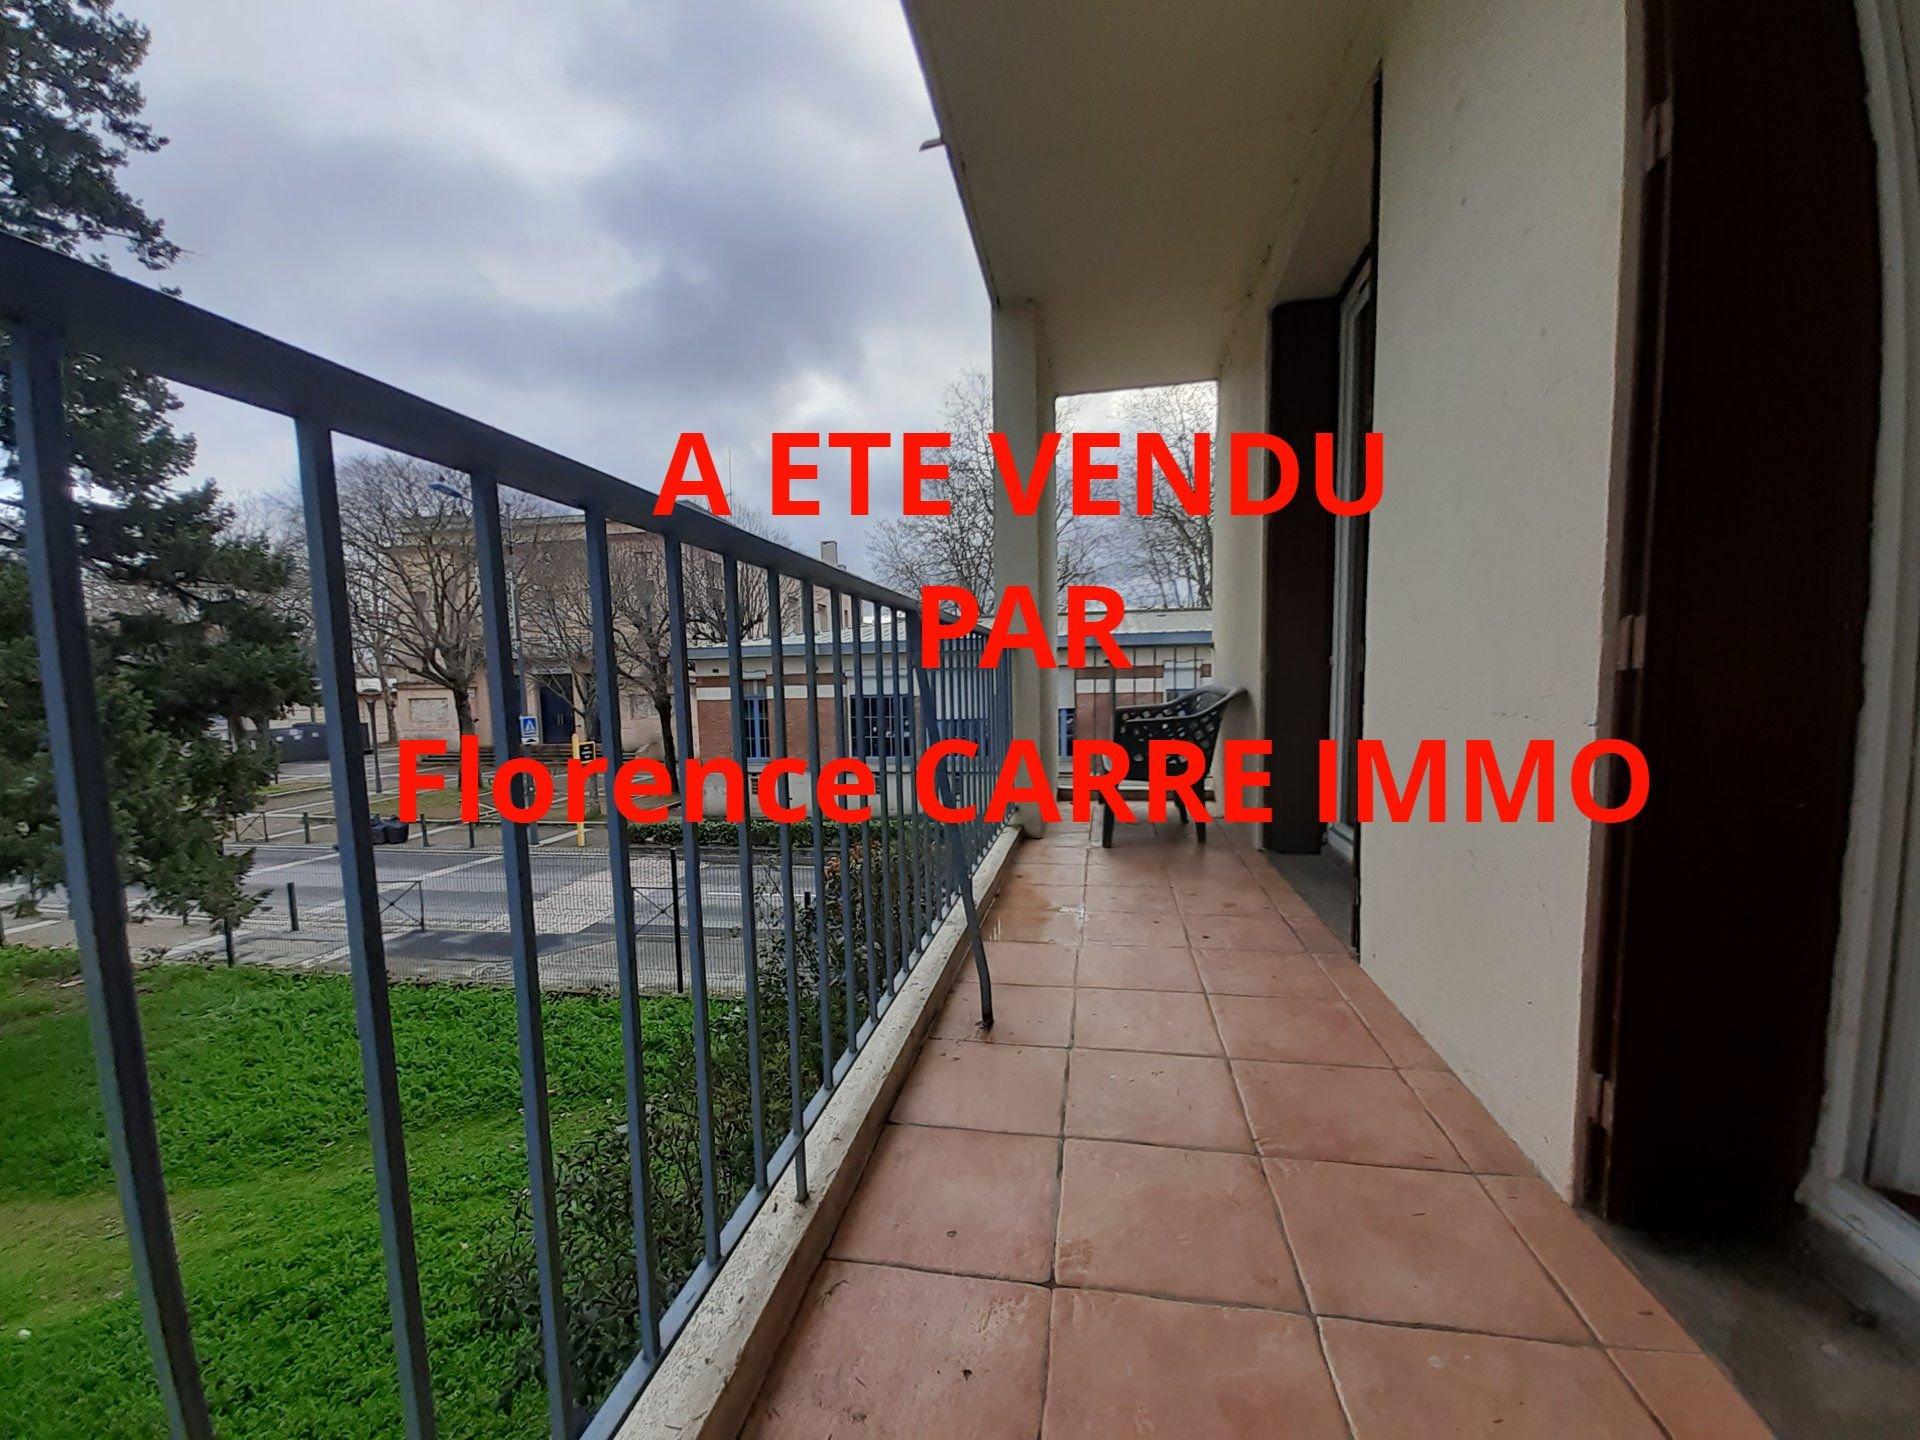 <<<EXCLUSIVITE CARRE IMMO>>>